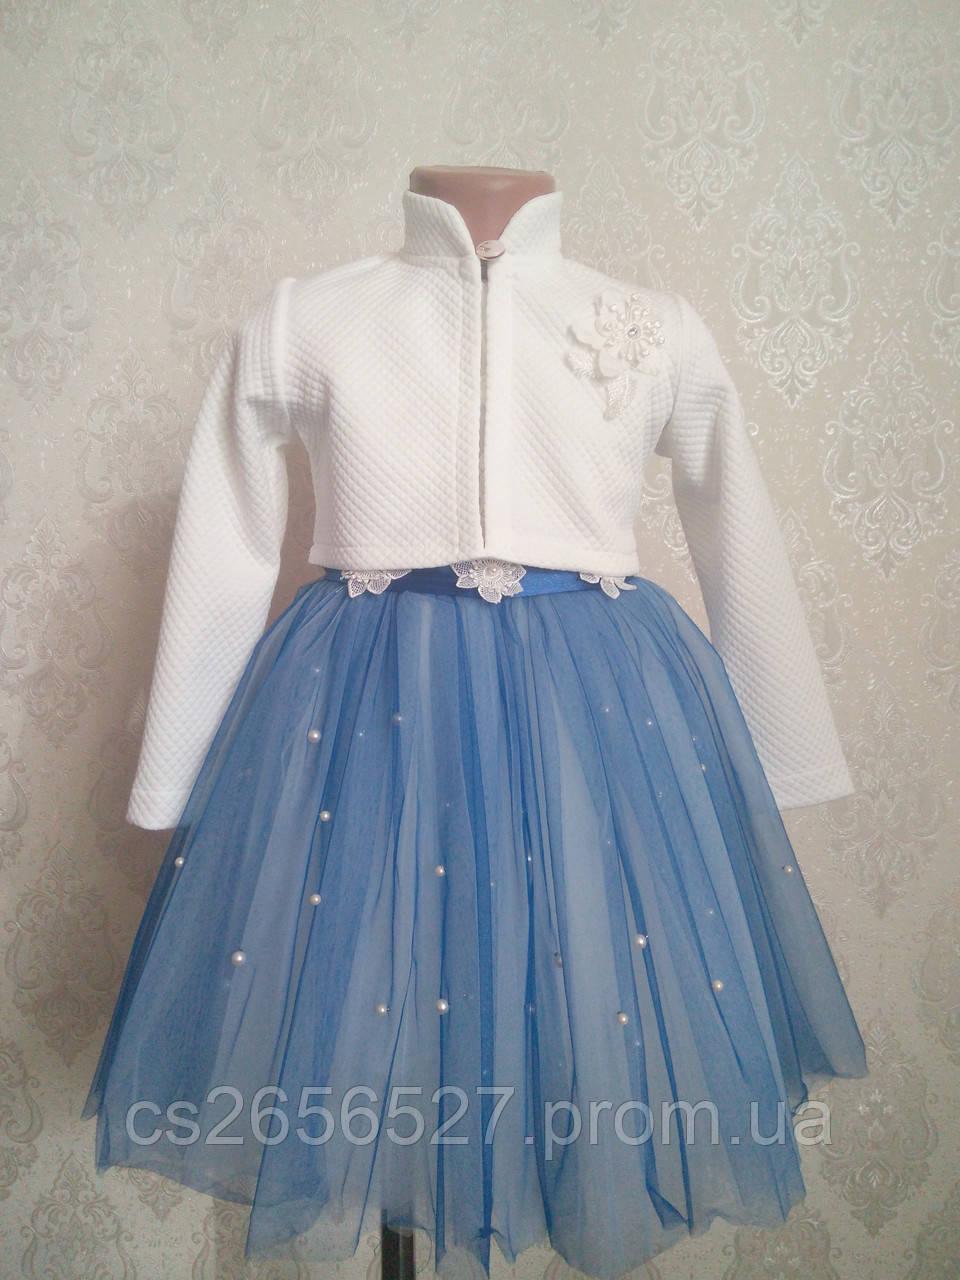 f0b6f85d6a7 Детское Платье для Девочки с Болеро